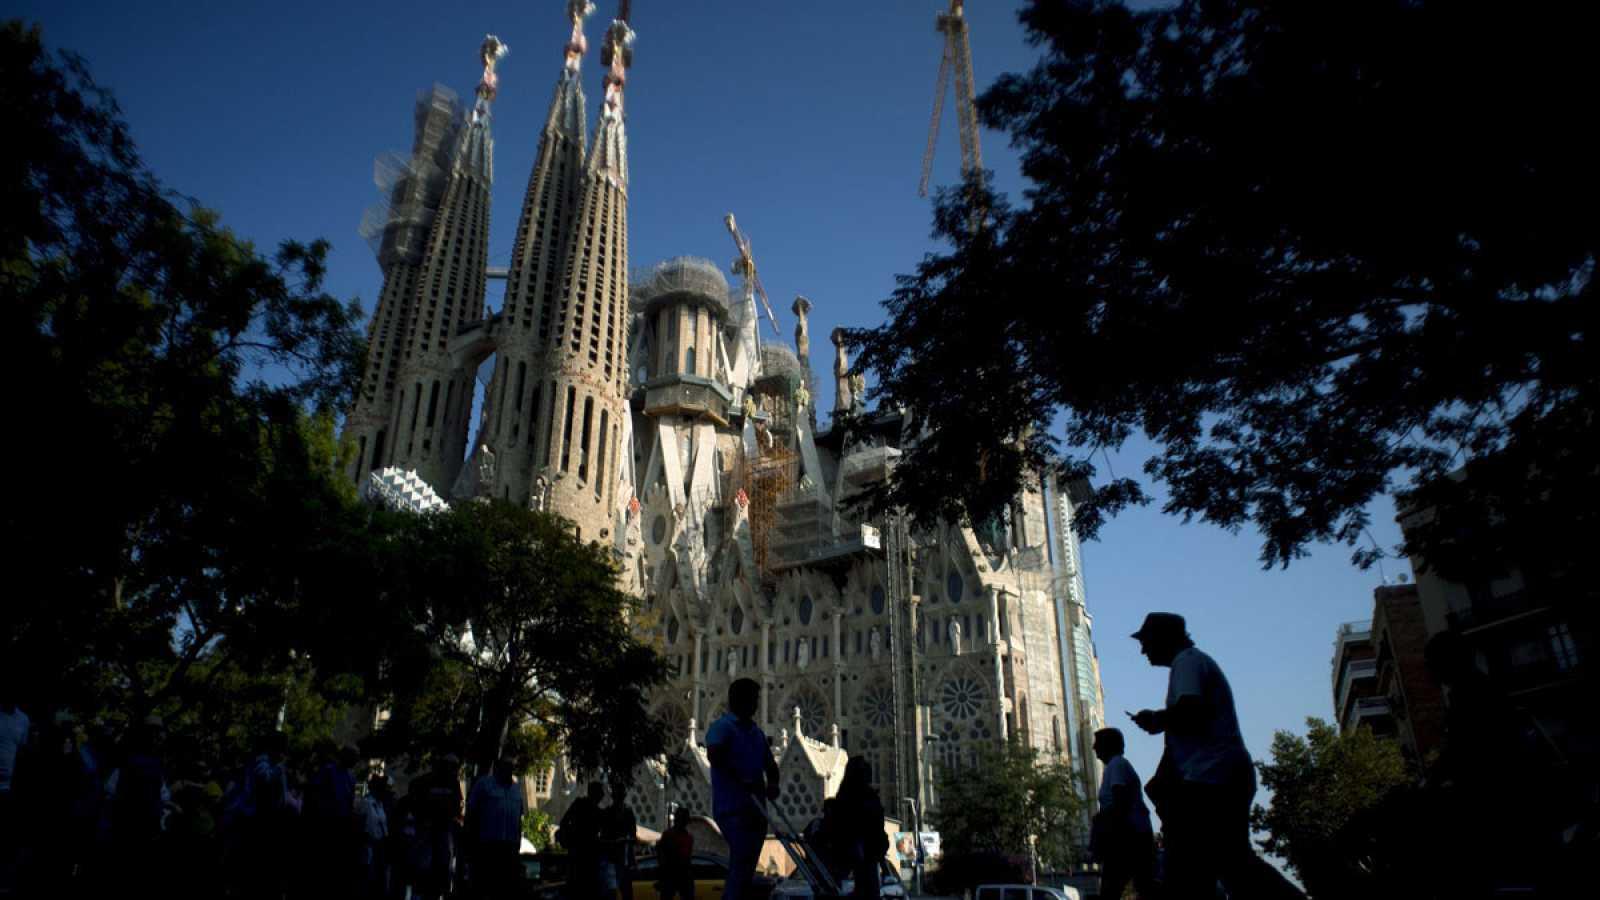 España bate récord con 77,8 millones de turistas internacionales hasta noviembre, más que en todo 2016